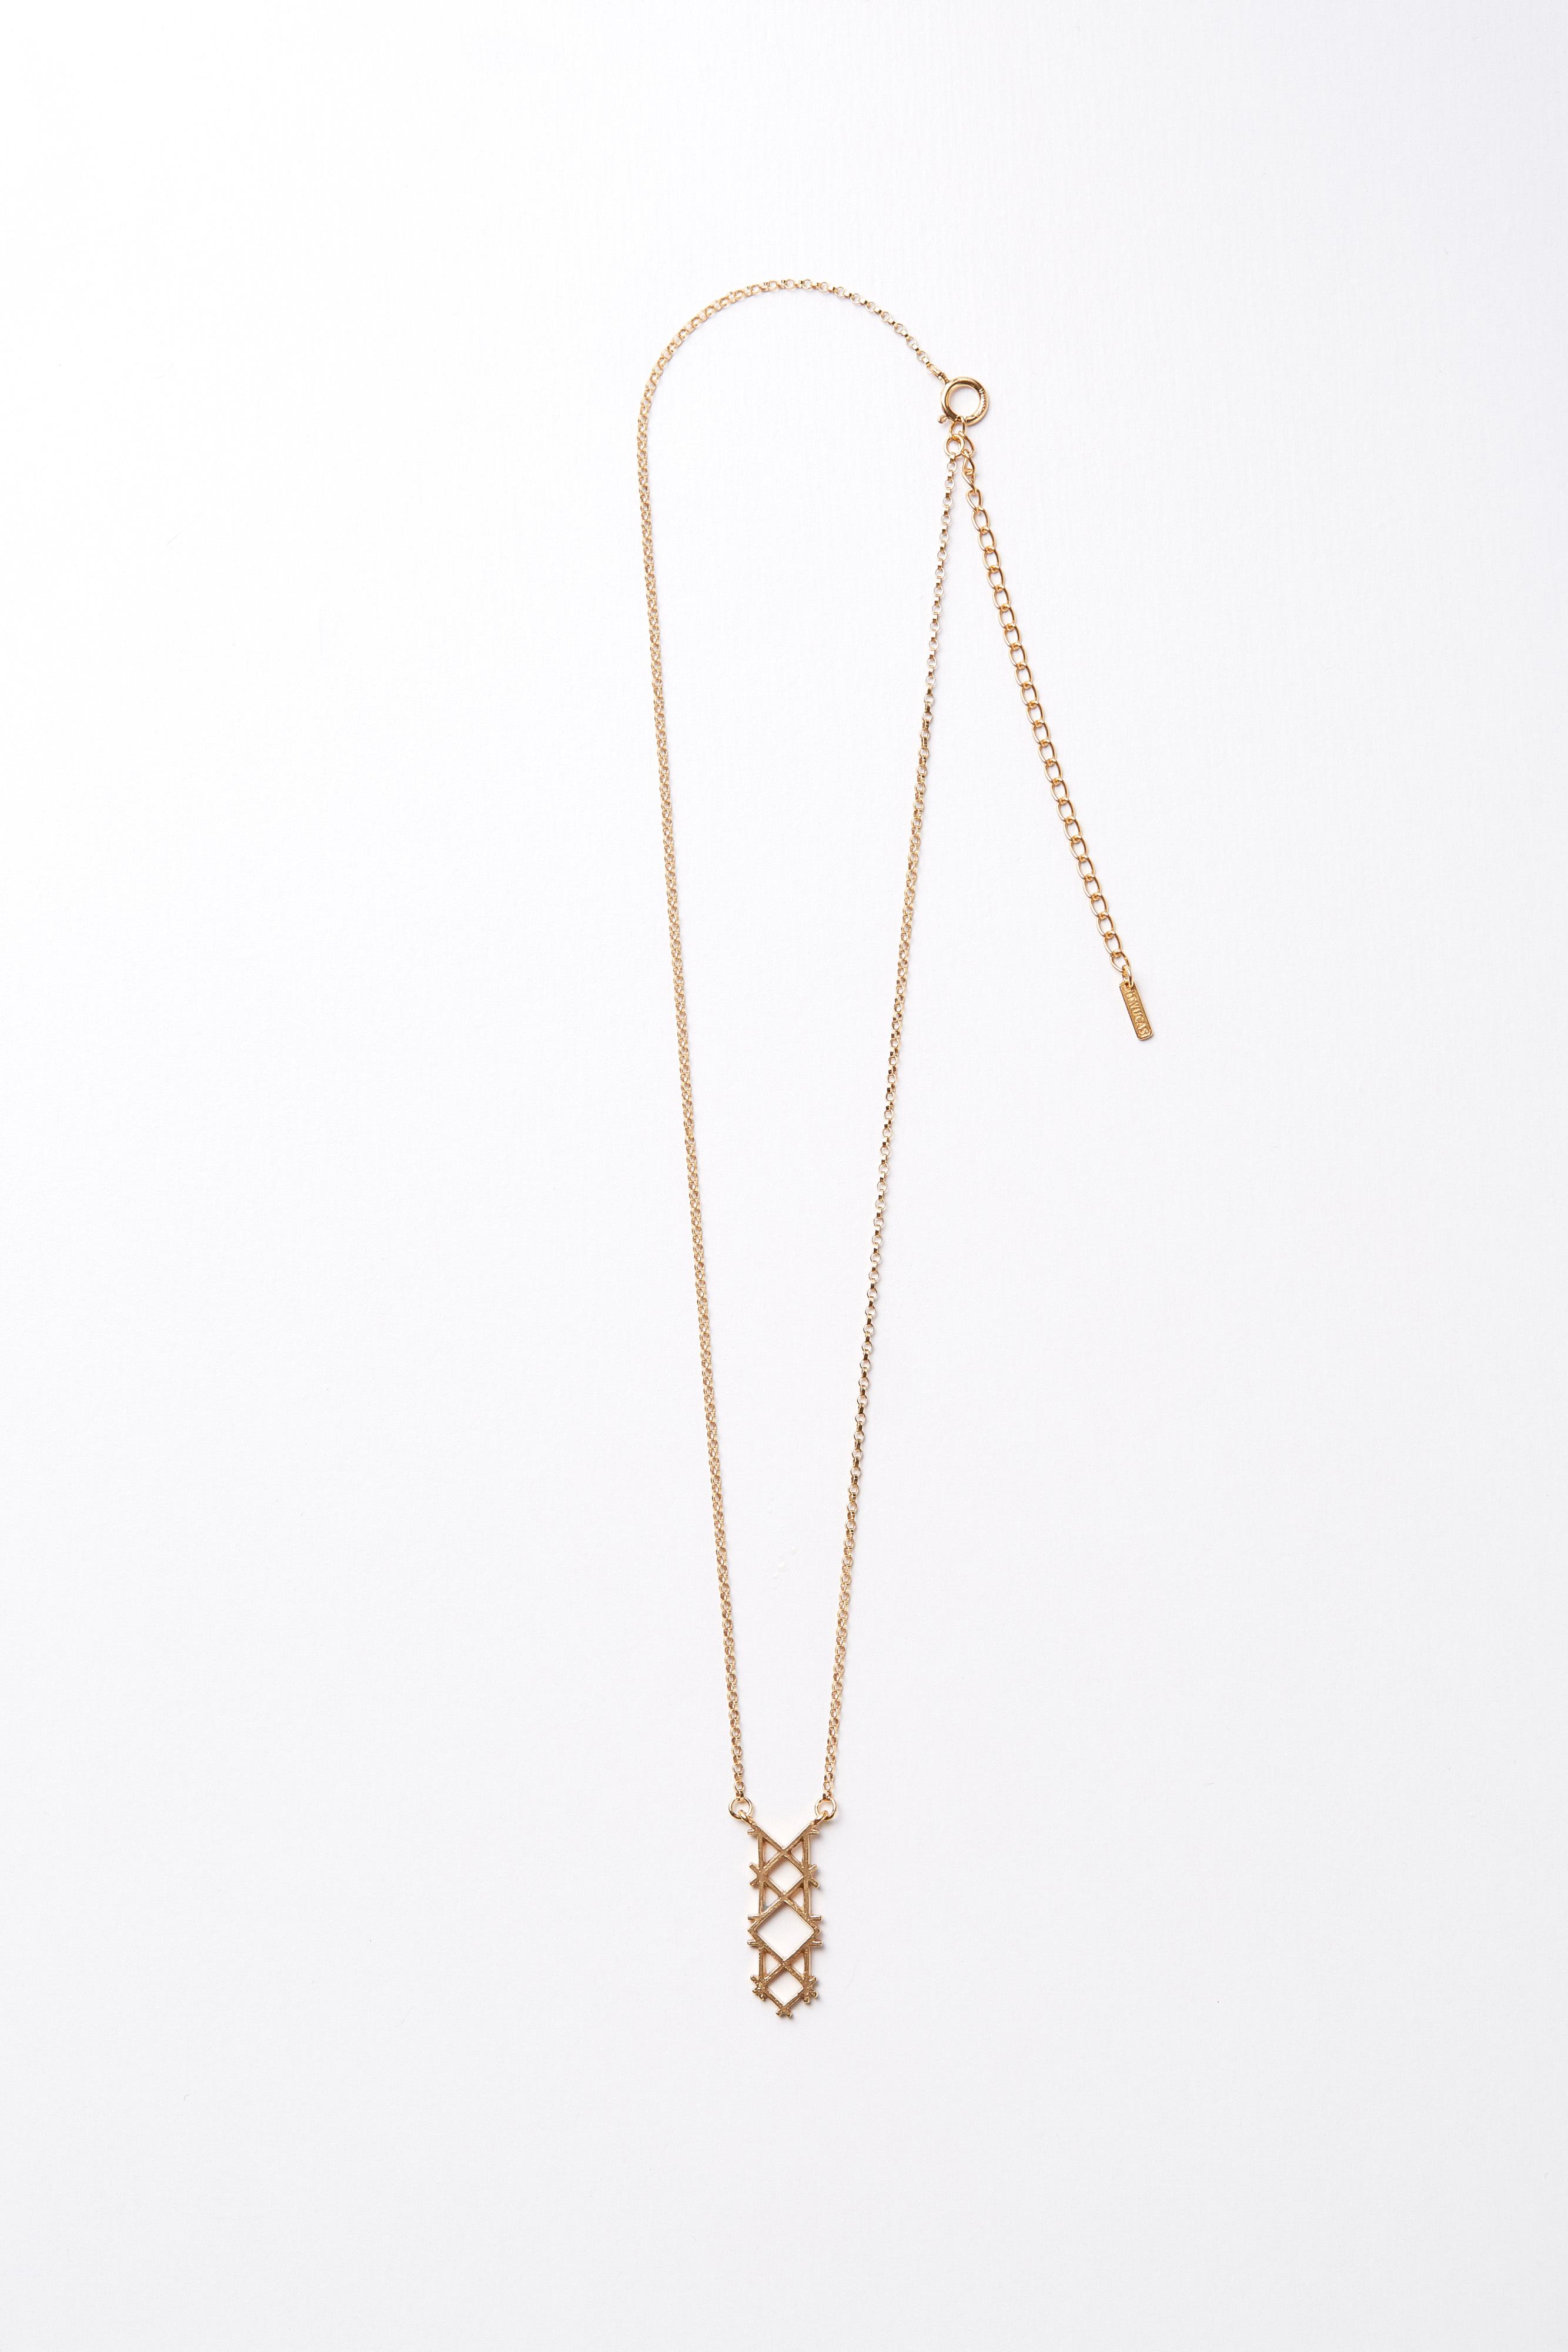 -KIKA- necklace / IT N 2